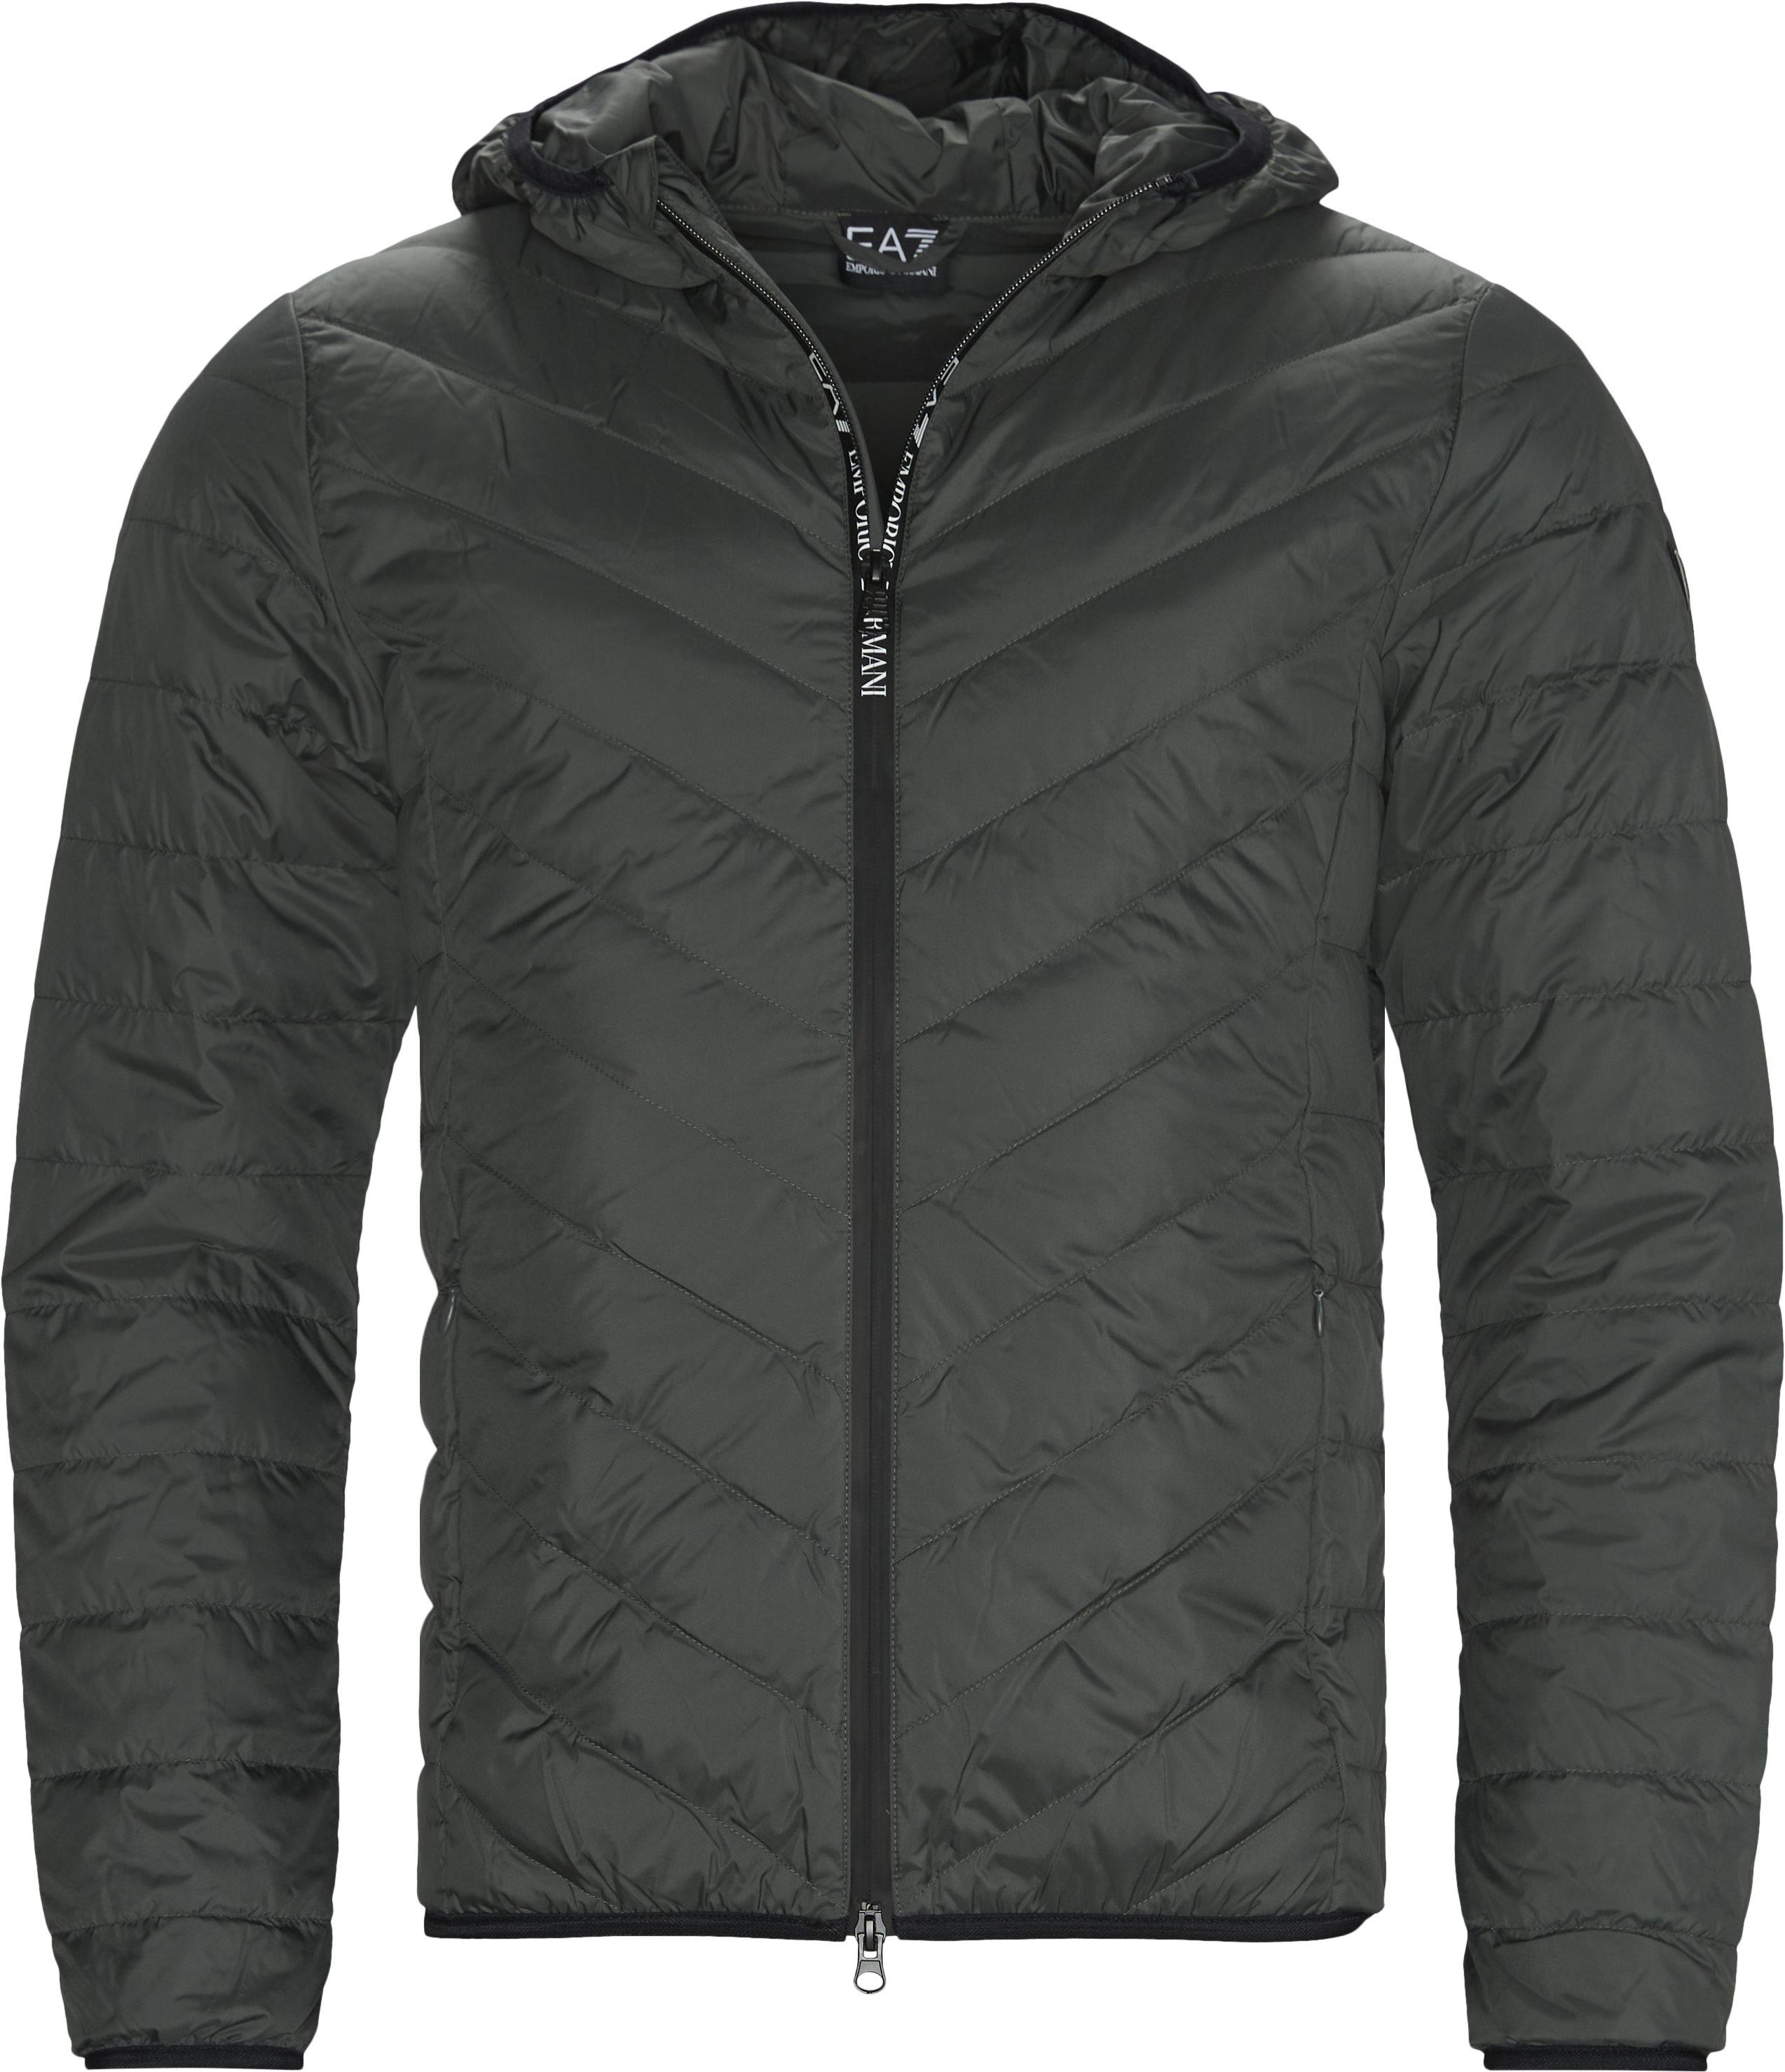 PNE1Z Jacket - Jackets - Grey